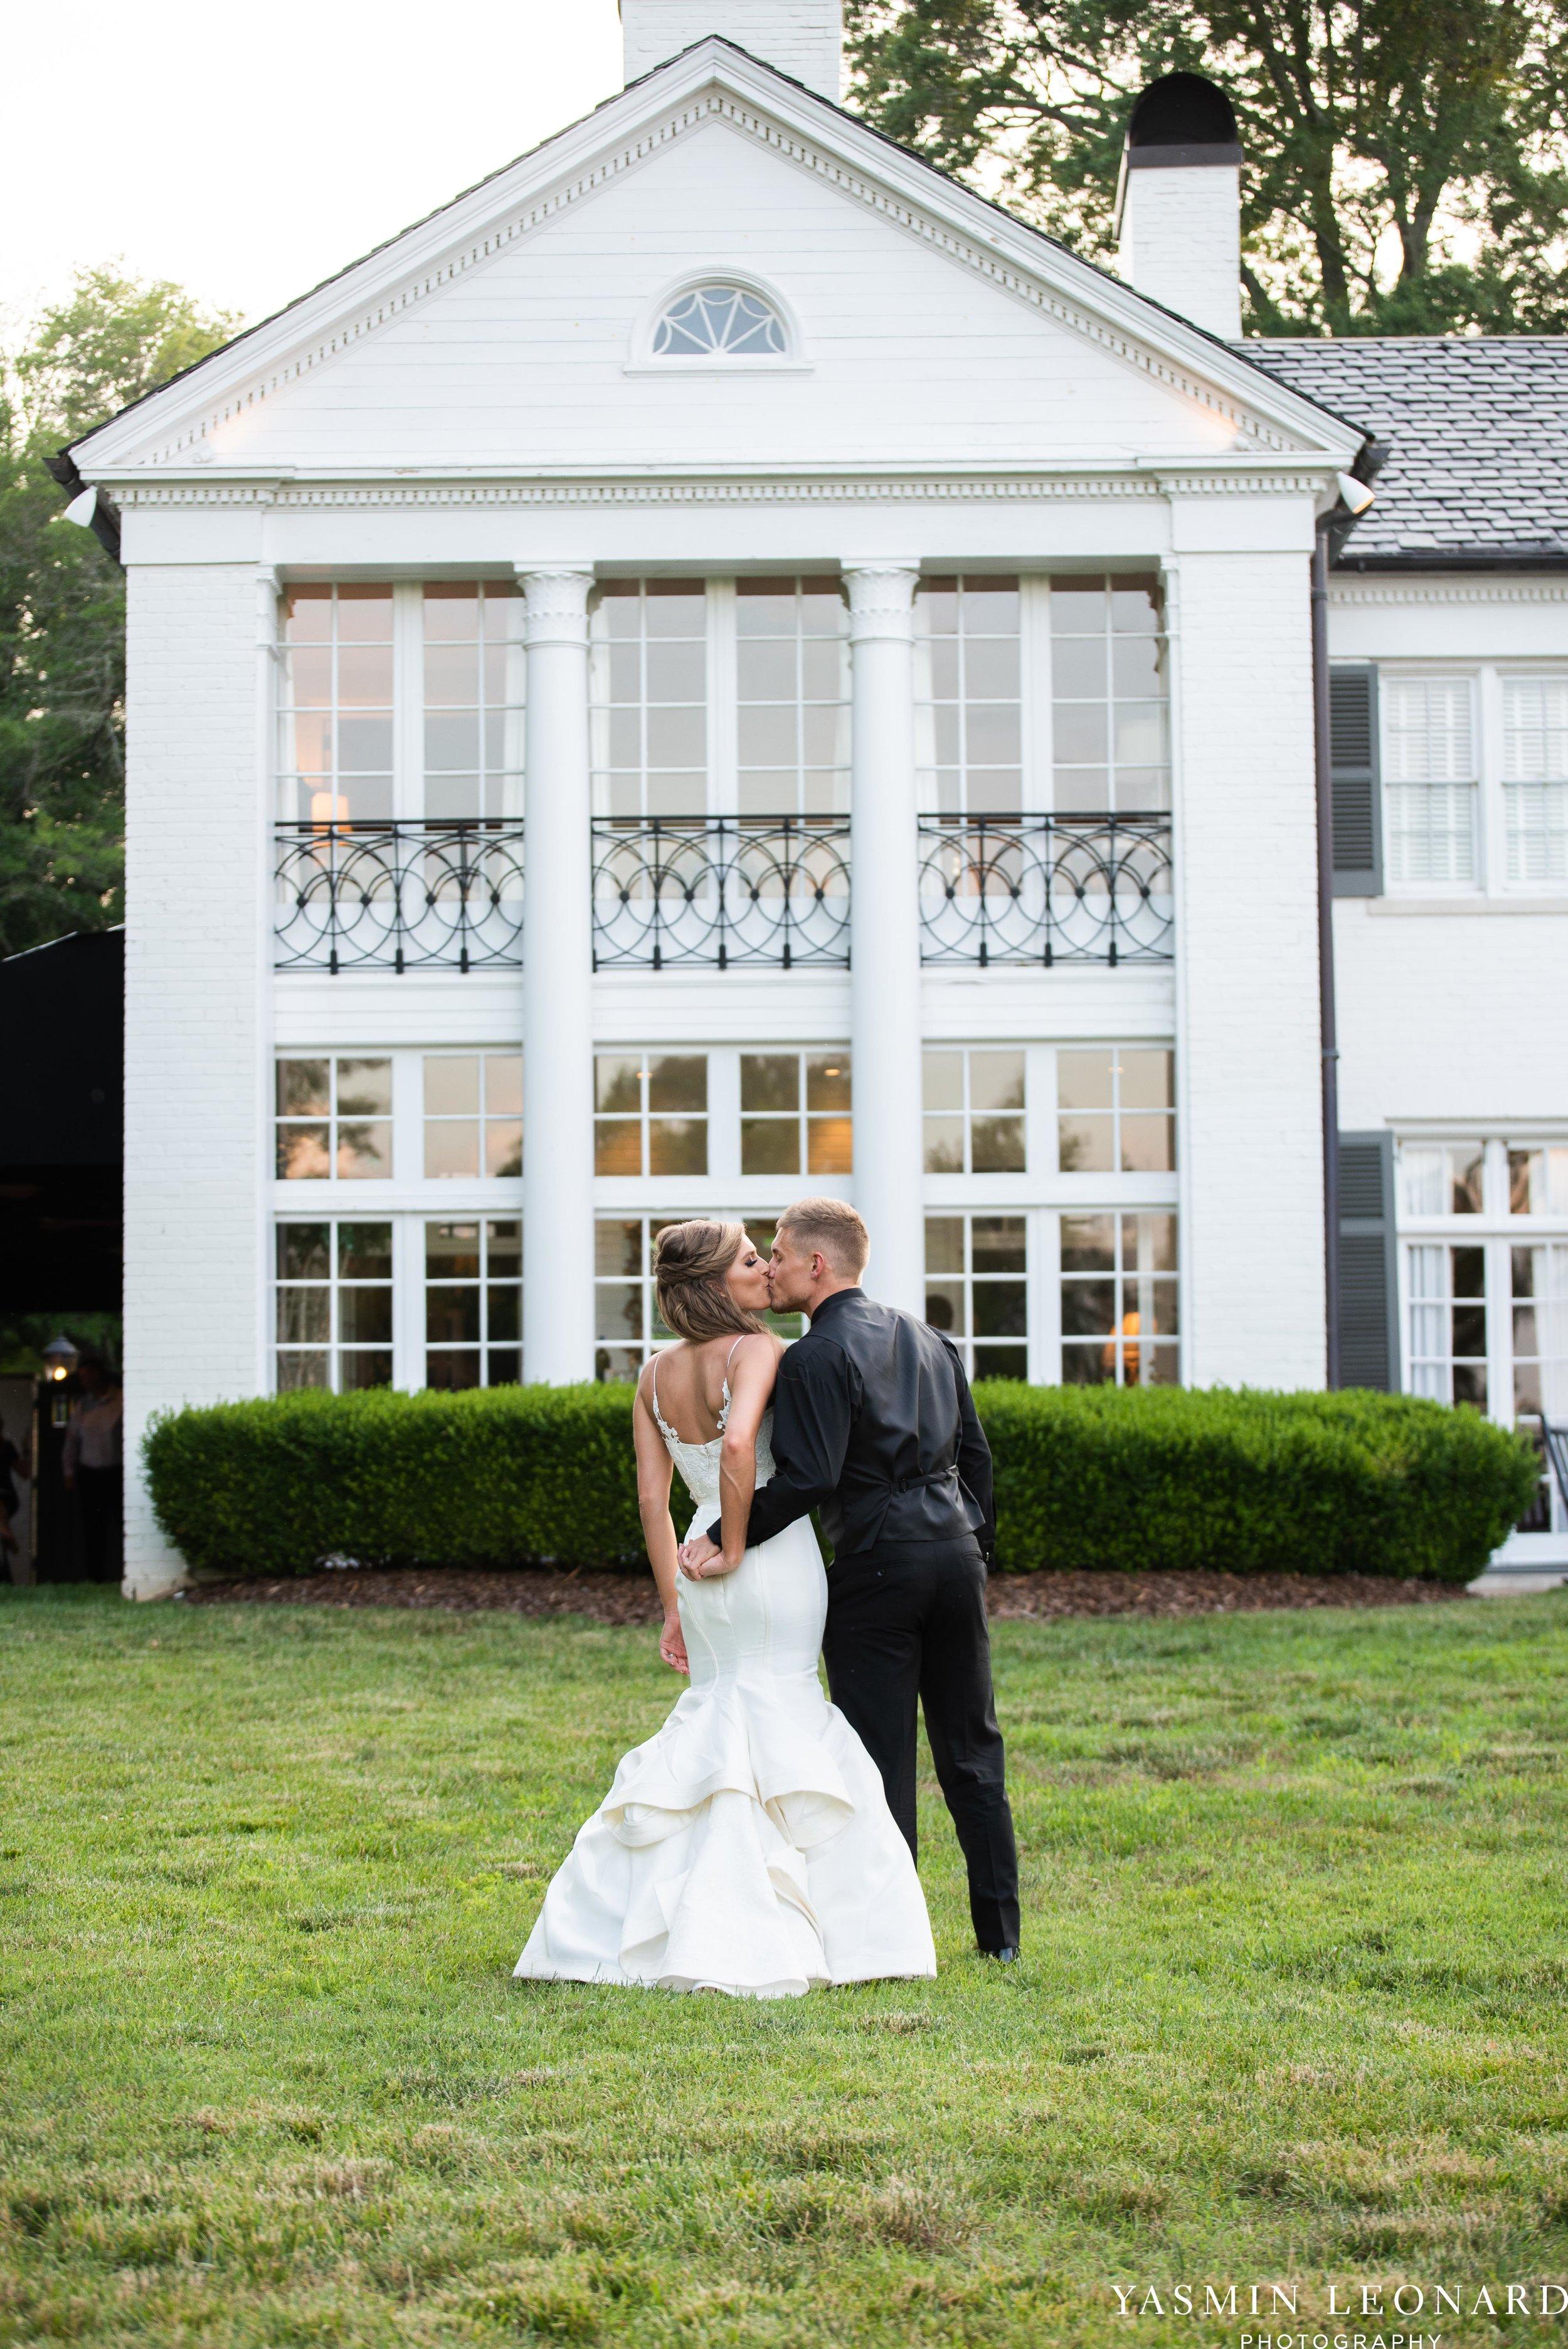 Boxwood Estate - Boxwood Estate Wedding - Luxury Wedding - Black and White Wedding - NC Wedding Venues - NC Weddings - NC Photographer - Lantern Release Grand Exit - Large Wedding Party - Yasmin Leonard Photography-63.jpg